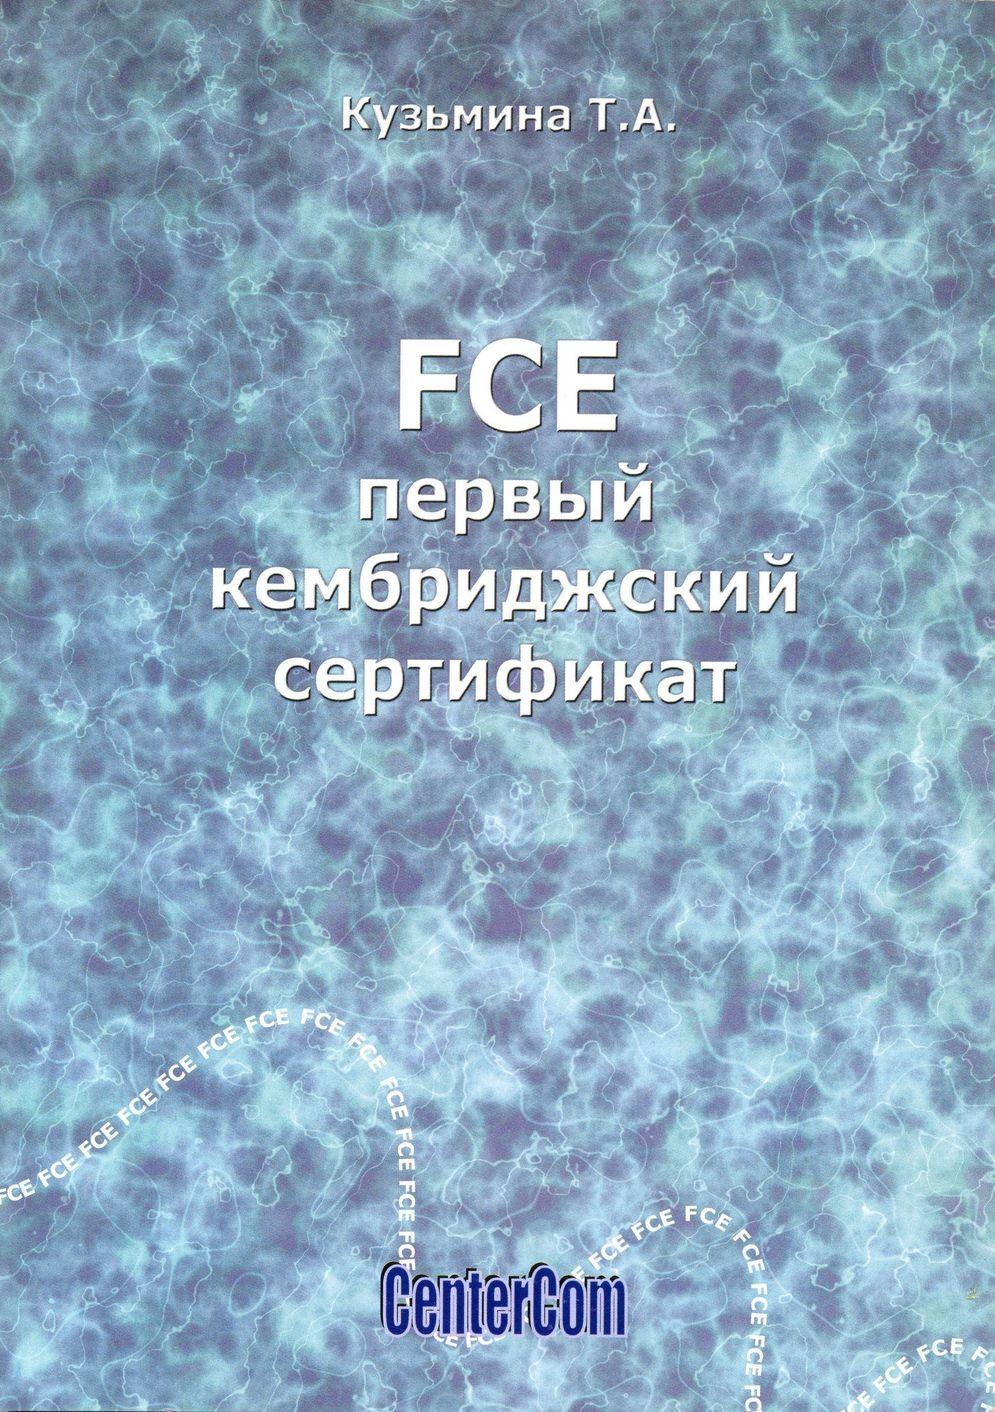 FCE - Первый кембриджский сертификат